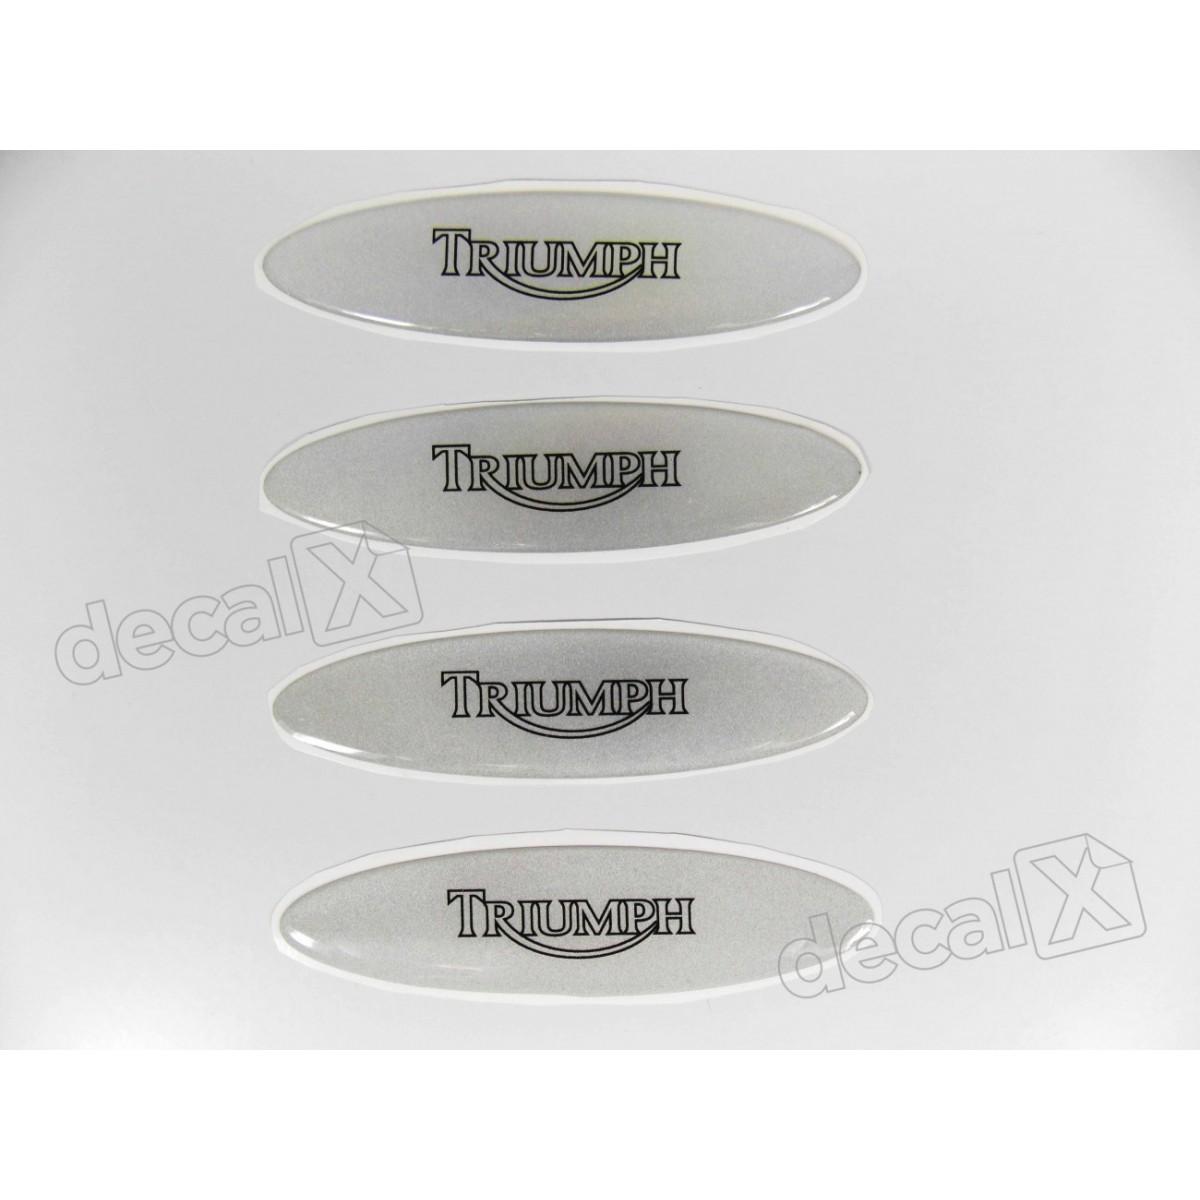 Adesivos Capacete Triumph Resinados Refletivo 2,4x10 Cm